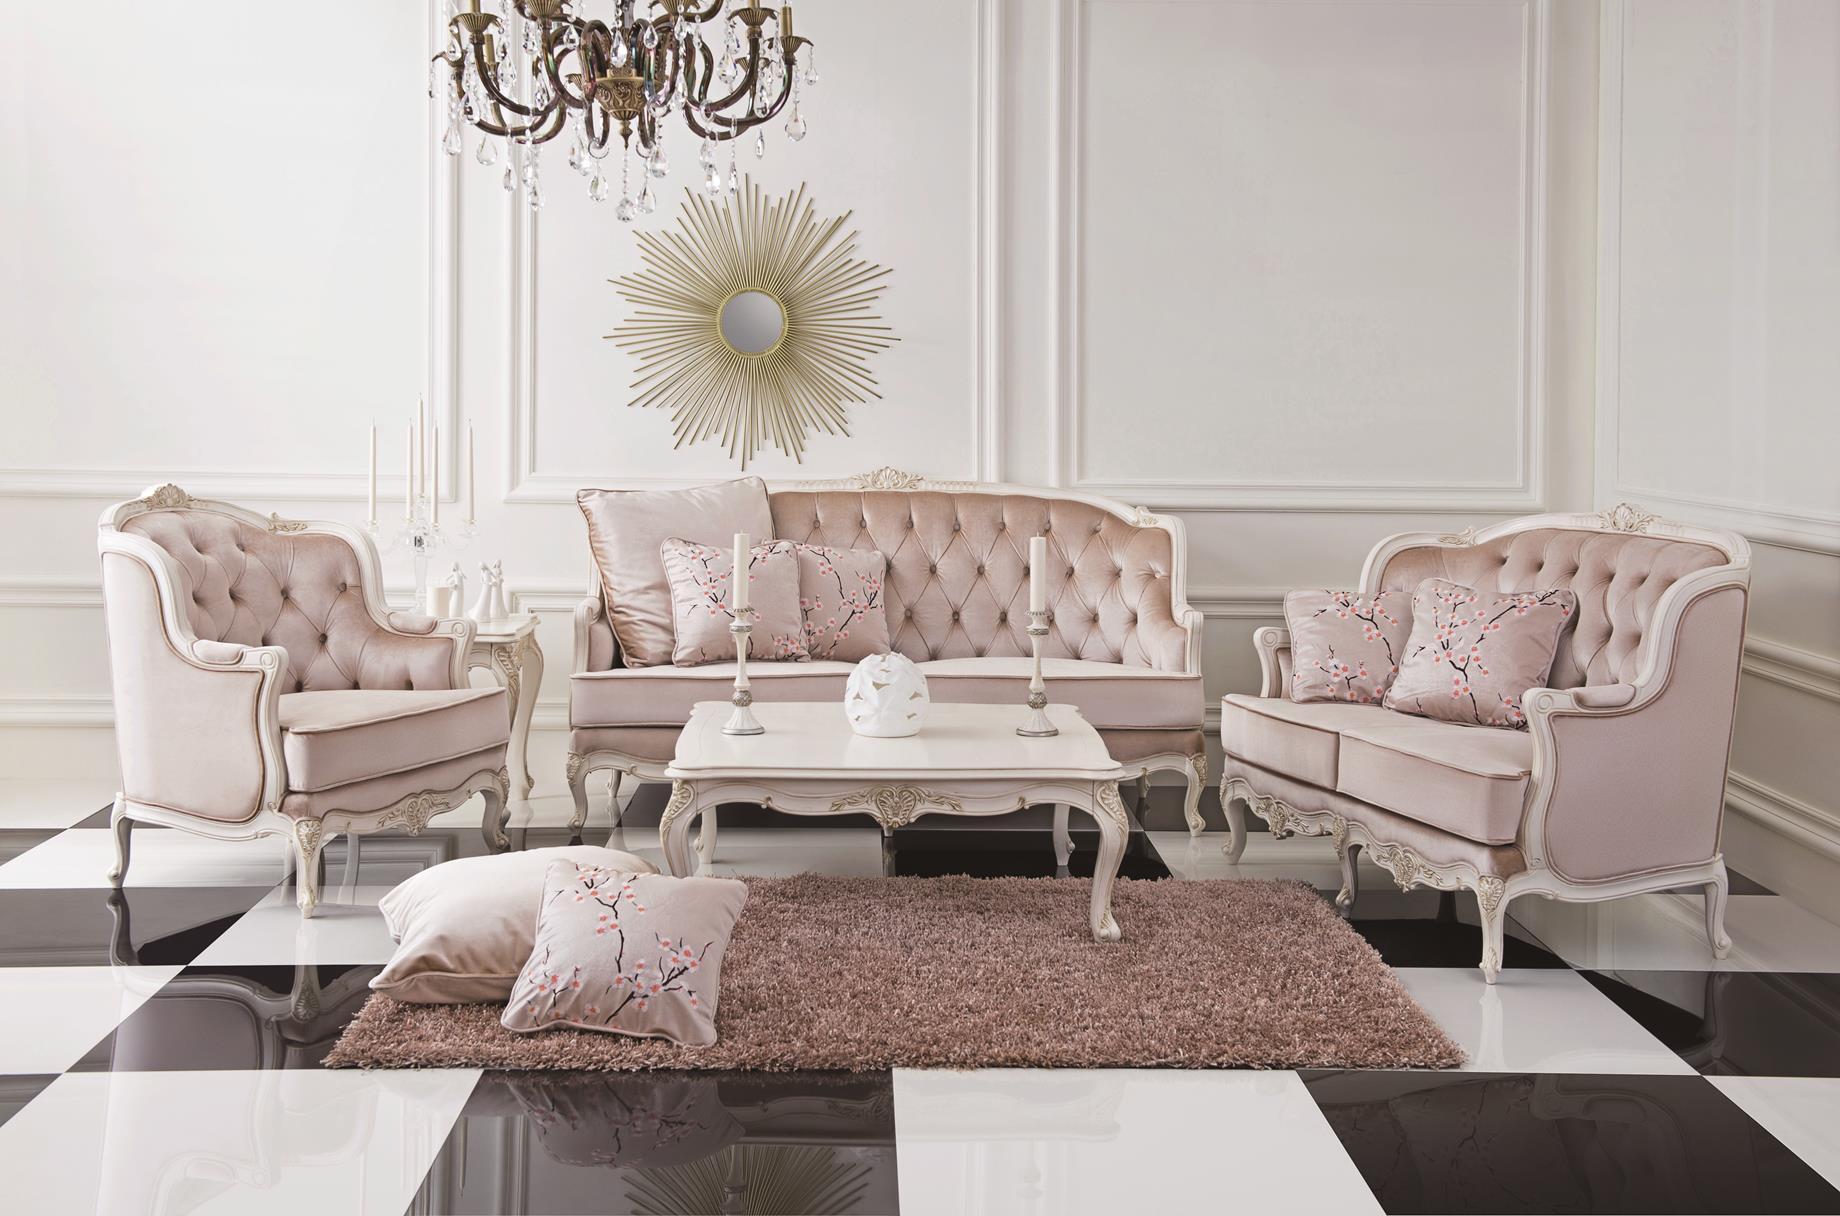 Сбор заказов. Потрясающие коллекции мебели из дерева лучших пород от известных азиатских производителей, A-s-h-l-e-y, B-o-g-a-c-h-o. Мягкая мебель мебель для спален и гостиных, столовые группы, реклайнеры,кабинеты, а так же аксессуары.- 17